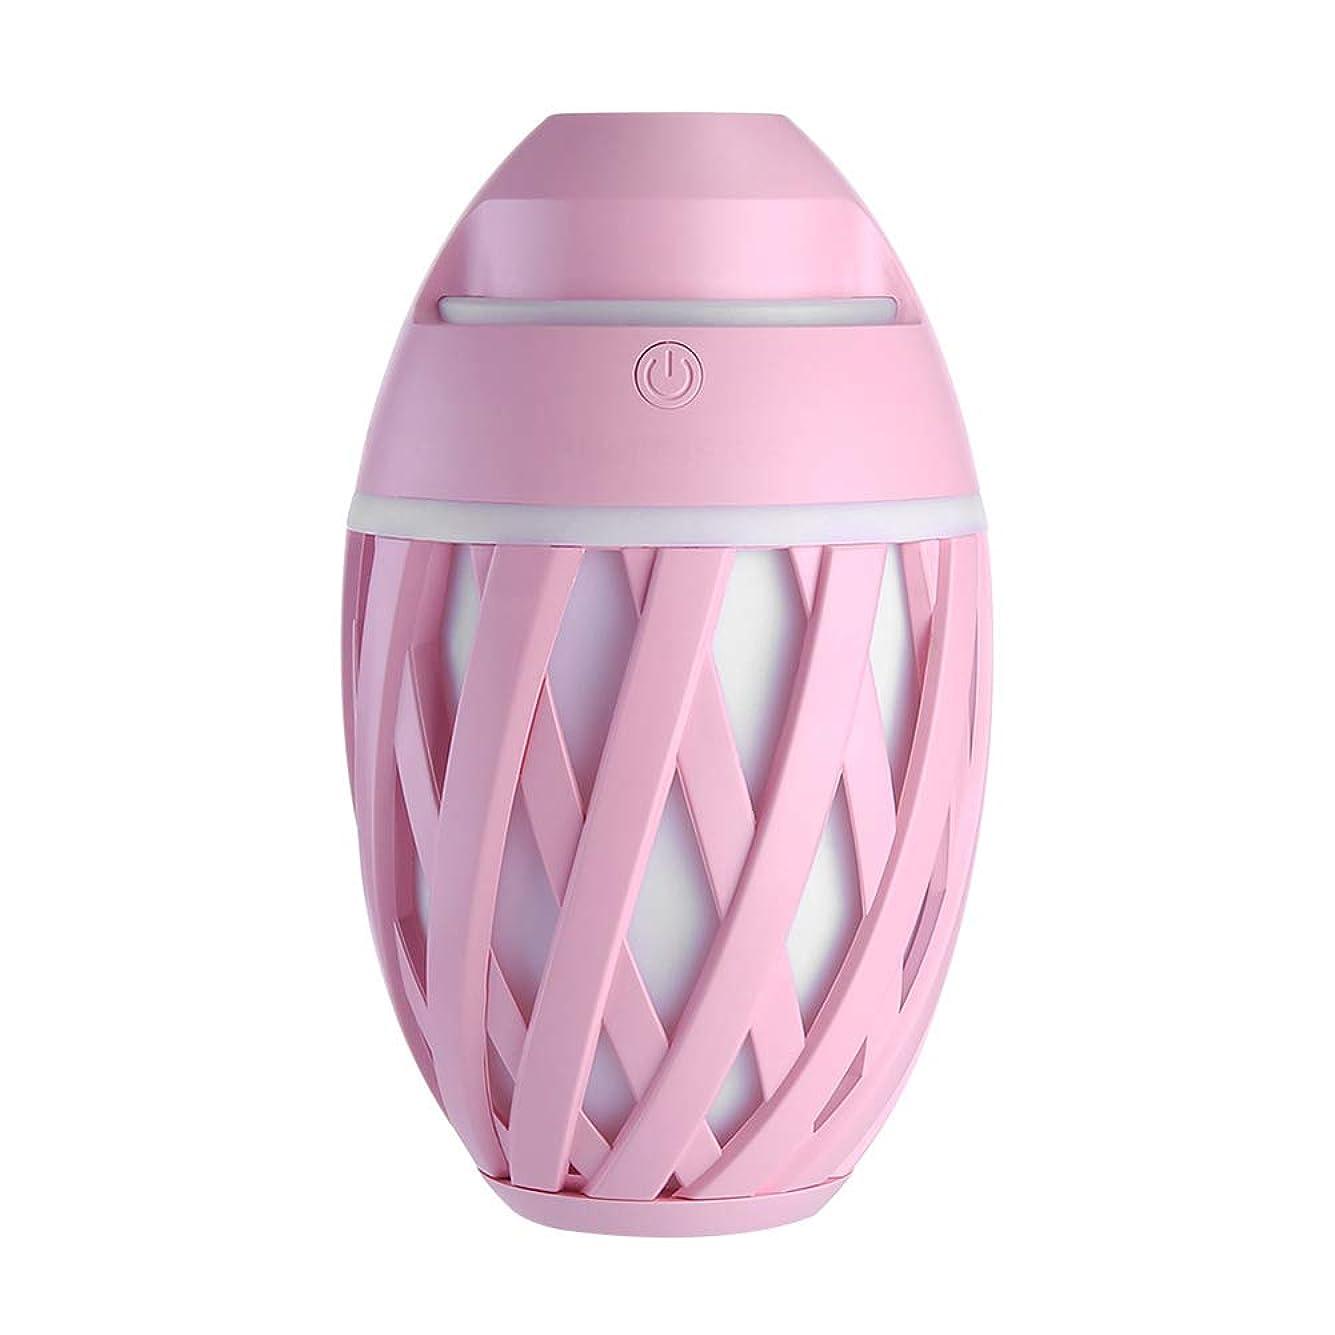 シンポジウムセラフ知る加湿器ミニUsbホーム静かなエアコンルームオフィス妊娠中の女性の赤ちゃん空気保湿清浄器,Pink